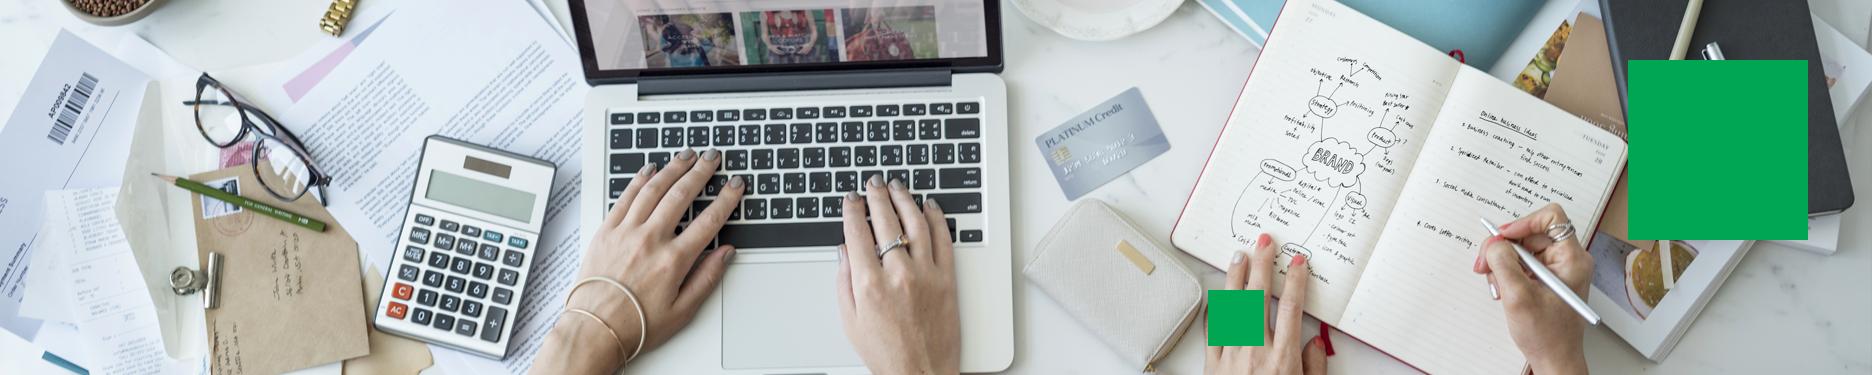 How to do a Brand Blog